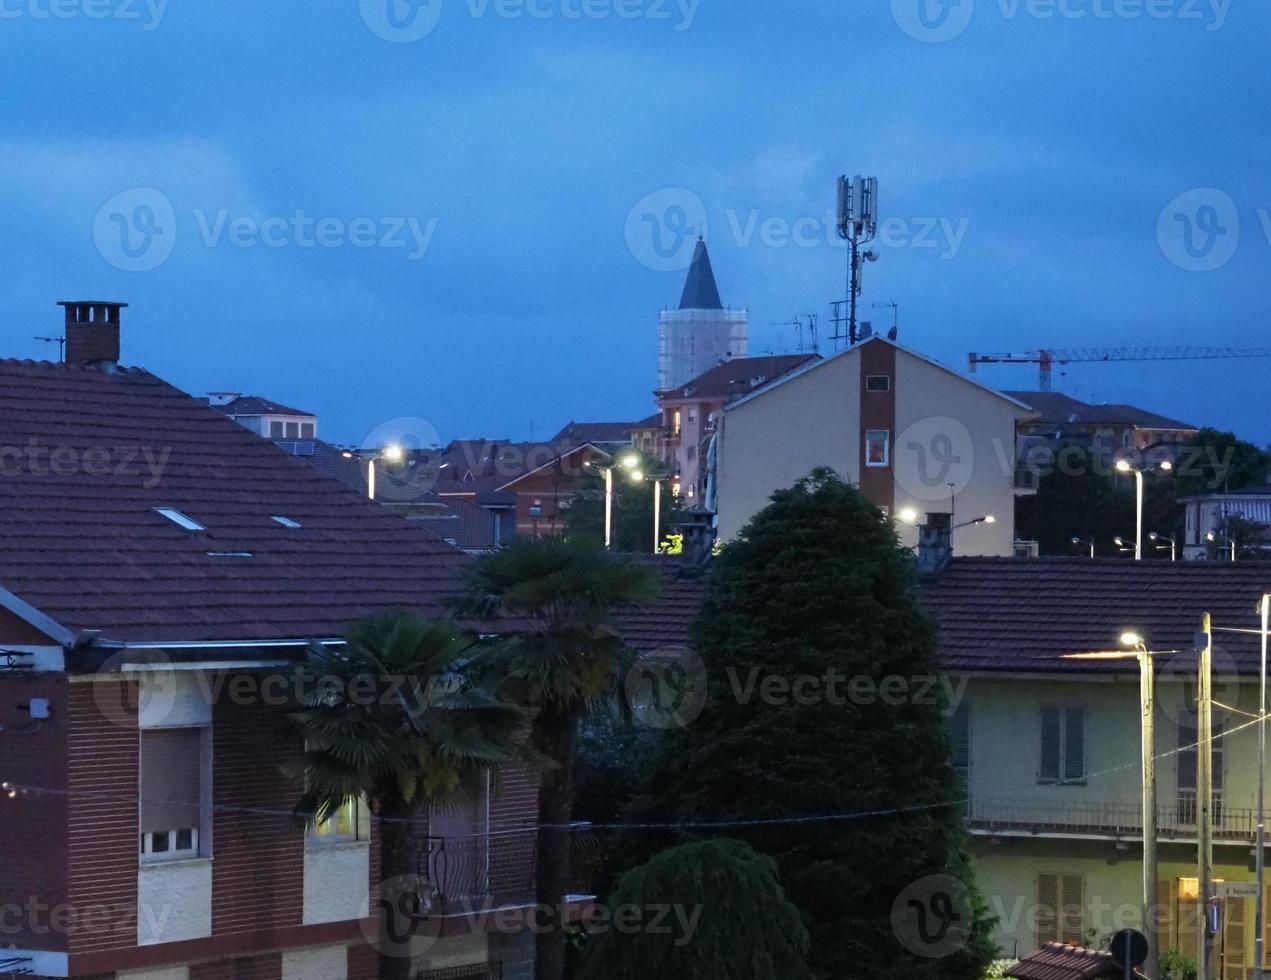 vista nocturna de la ciudad de settimo torinese foto